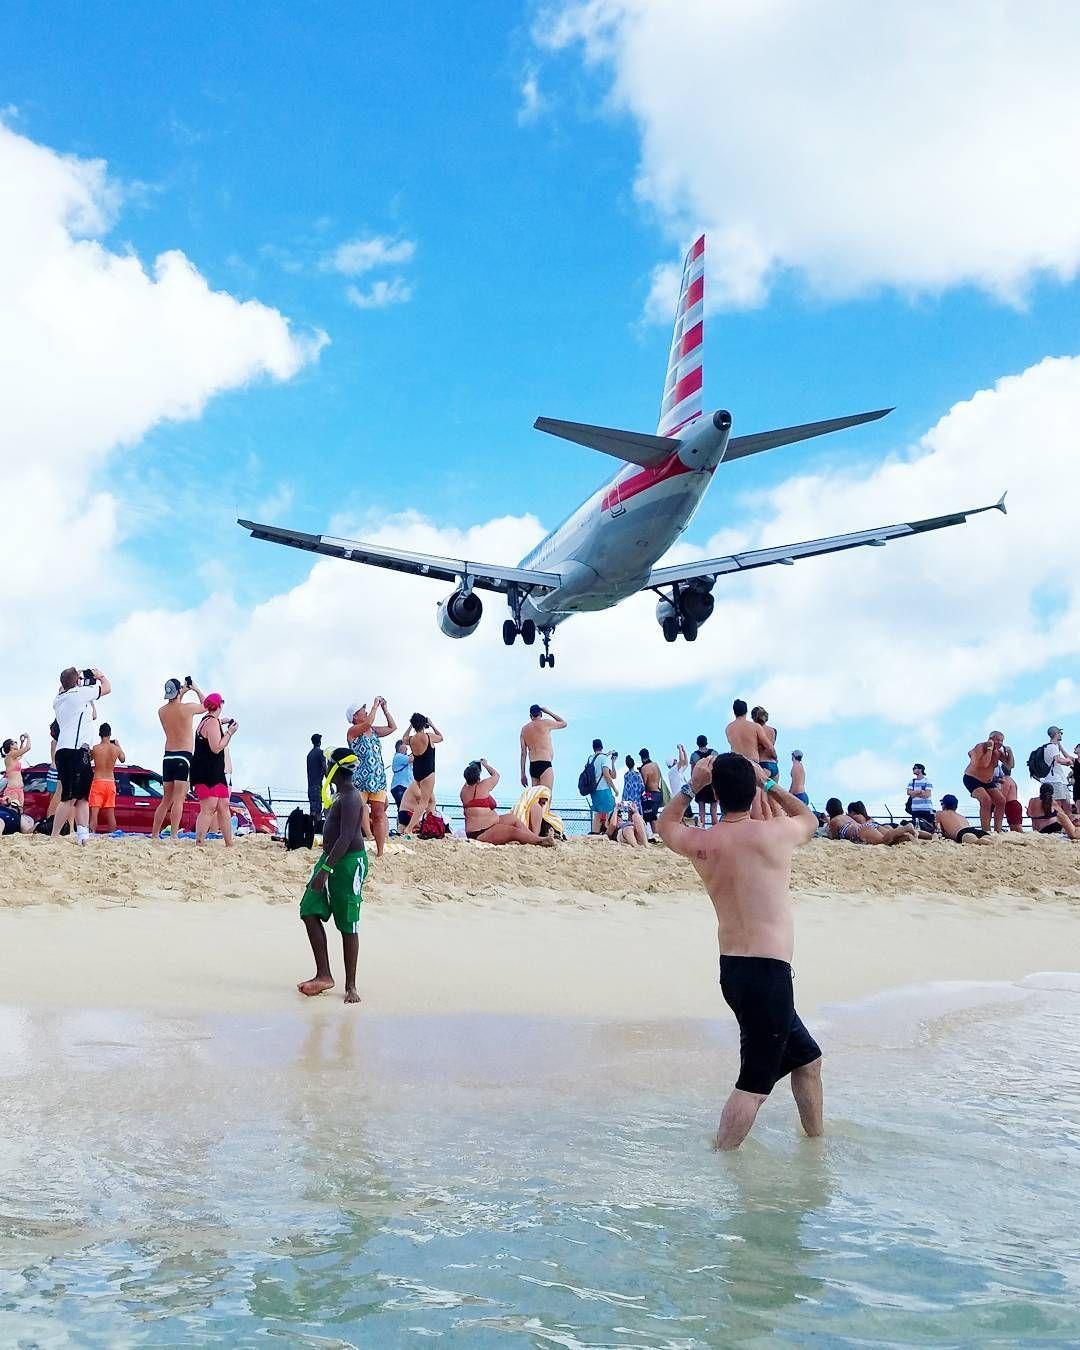 Ollaan jo kotimatkalla mutta Maho Beachilta riittää kuvia. Upea viikko lämmössä takana! Seuraava Karibian loma jo mietinnässä.  #mahobeach #sintmaarten #stmaarten #stmartin #vacation #loma #beach #ranta #rantaloma #americanairlines #travel #matkalla #reissu #lentokone #airplane #ig_travel #caribbean #karibia (via Instagram)